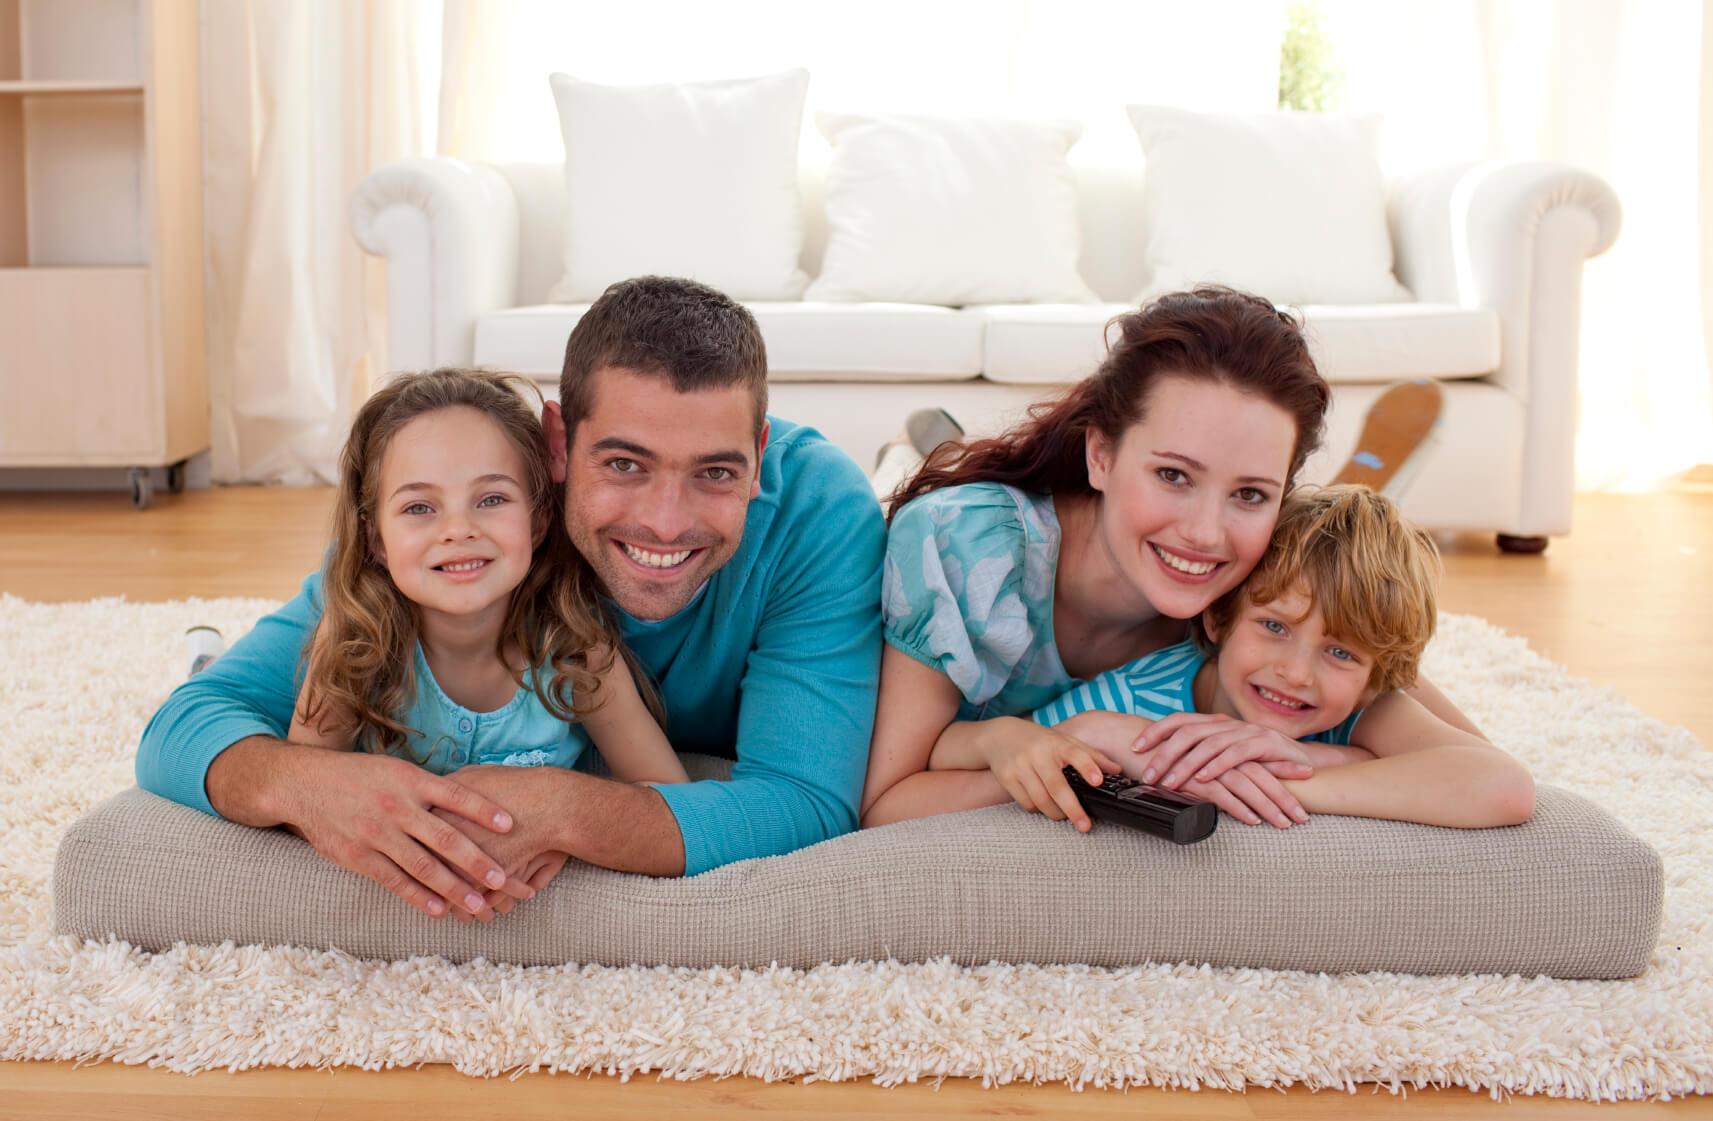 Σχέσεις γονέων και παιδιών στο οικογενειακό δίκαιο..του Β. Χαιλάζη